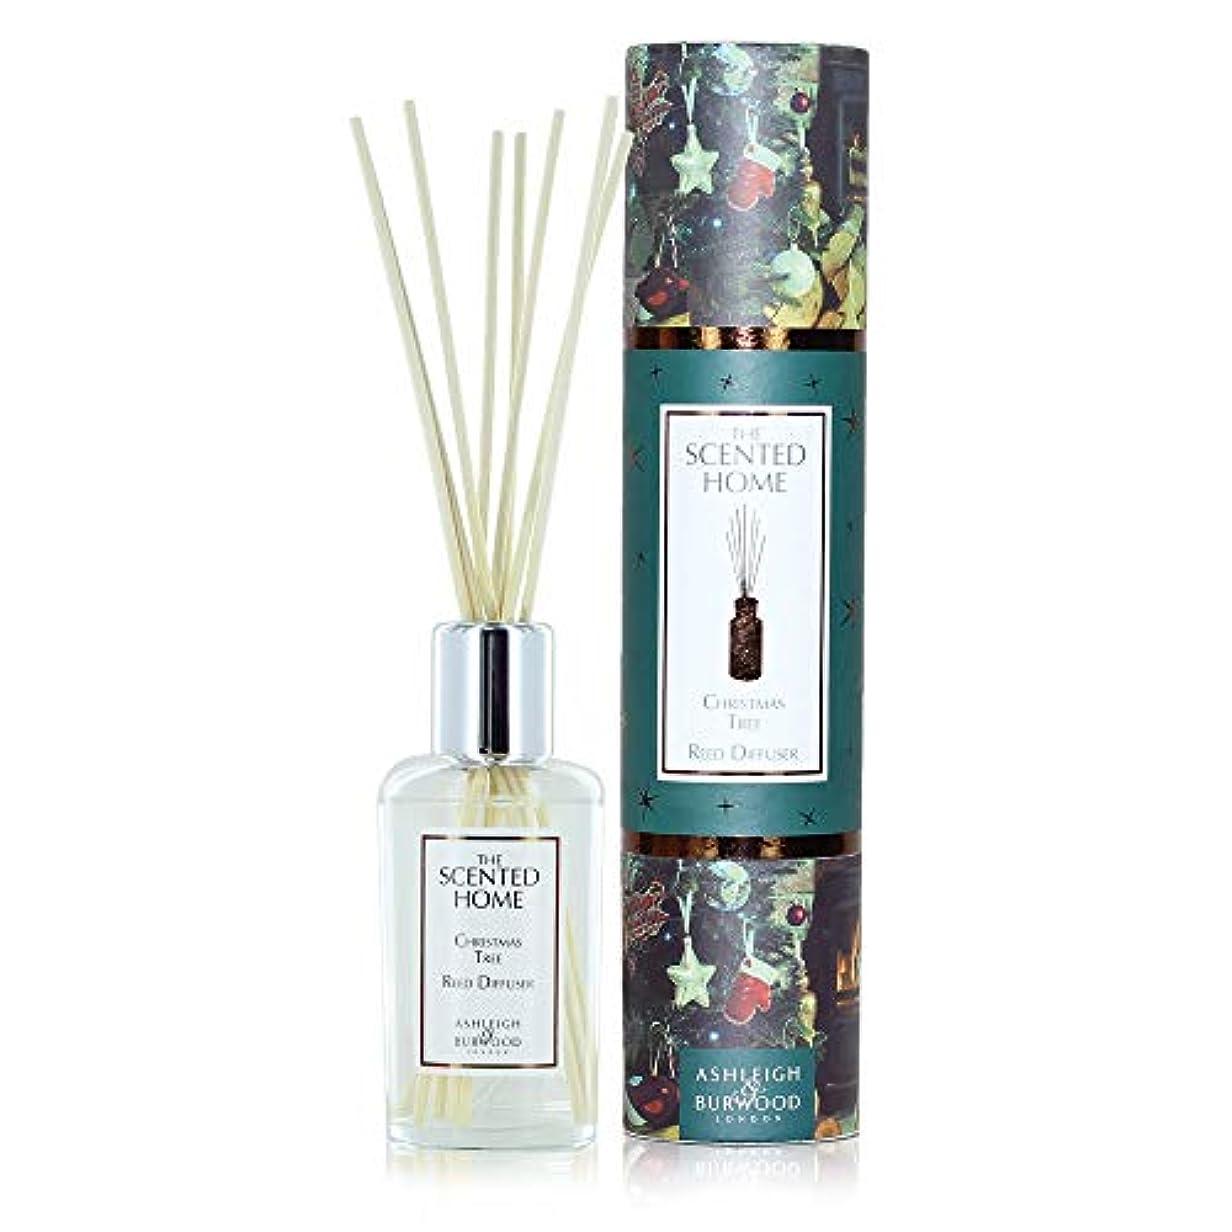 獣鎮痛剤空気Ashleigh&Burwood リードディフューザー 200ml クリスマスツリー Christmas Tree Reed Diffuser アシュレイ&バーウッド